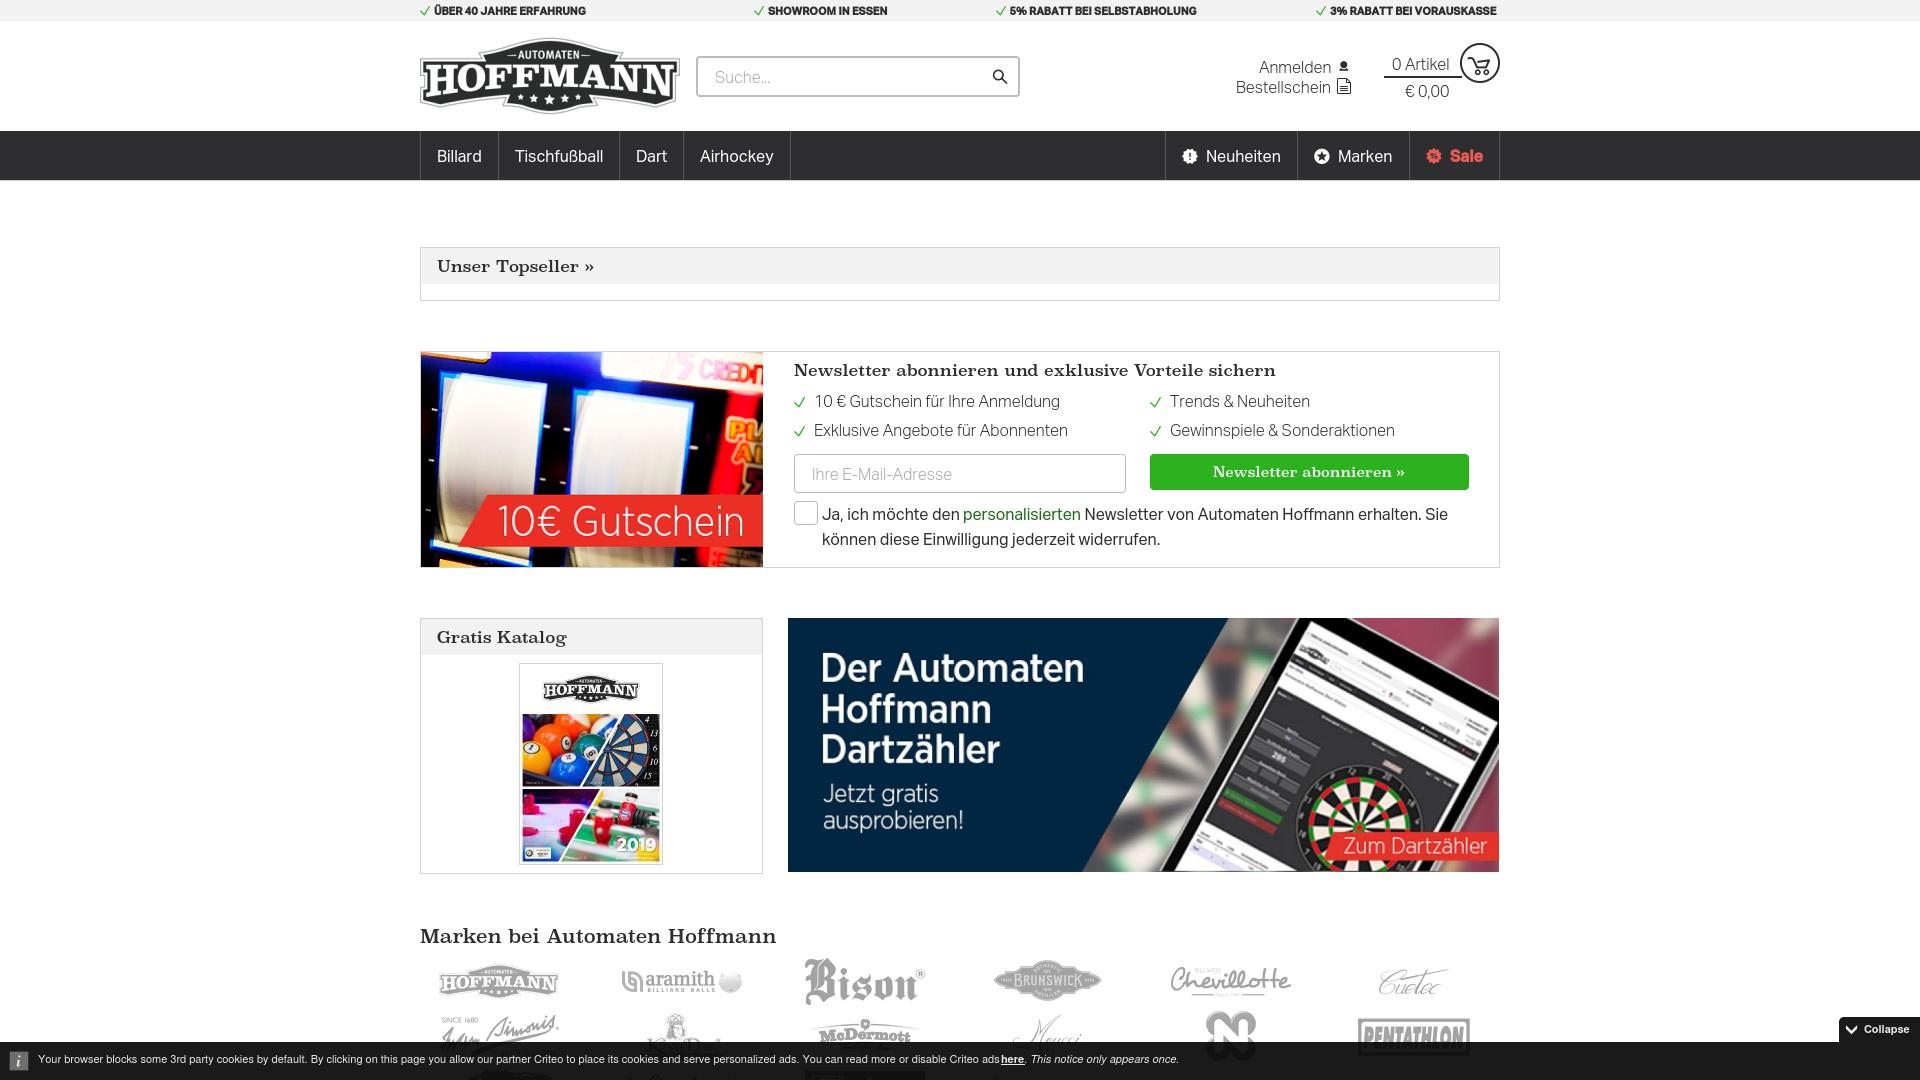 Gutschein für Automaten-hoffmann: Rabatte für Automaten-hoffmann sichern